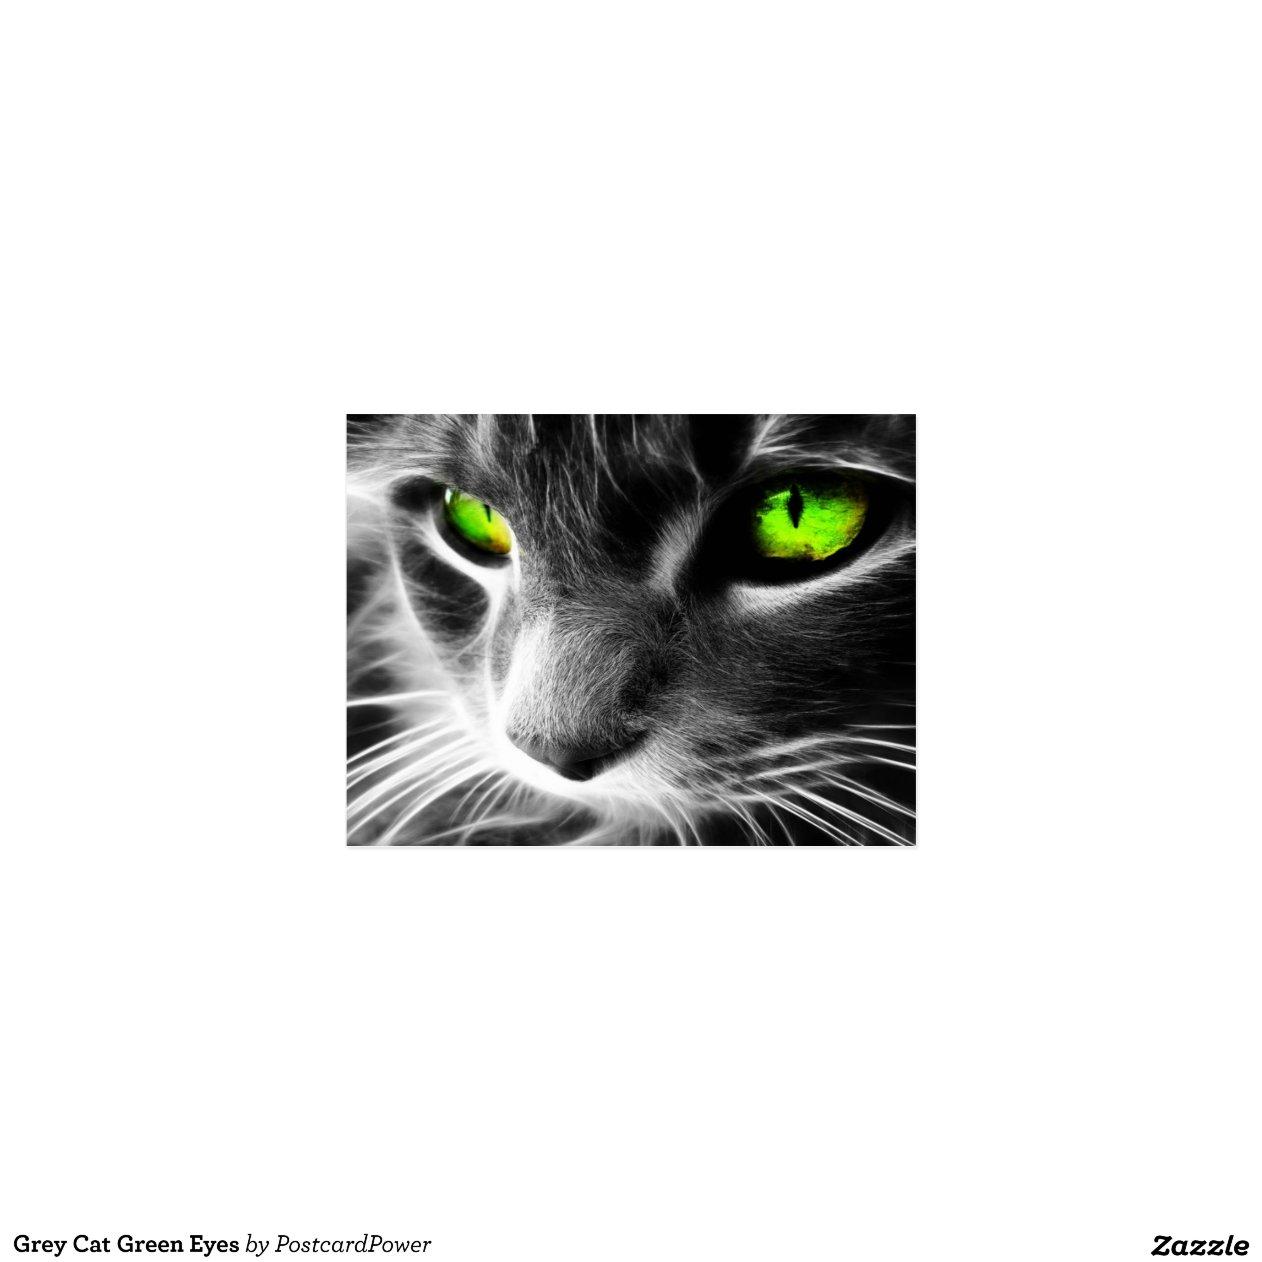 Yeux verts de chat gris cartes postales zazzle - Yeux gris vert ...